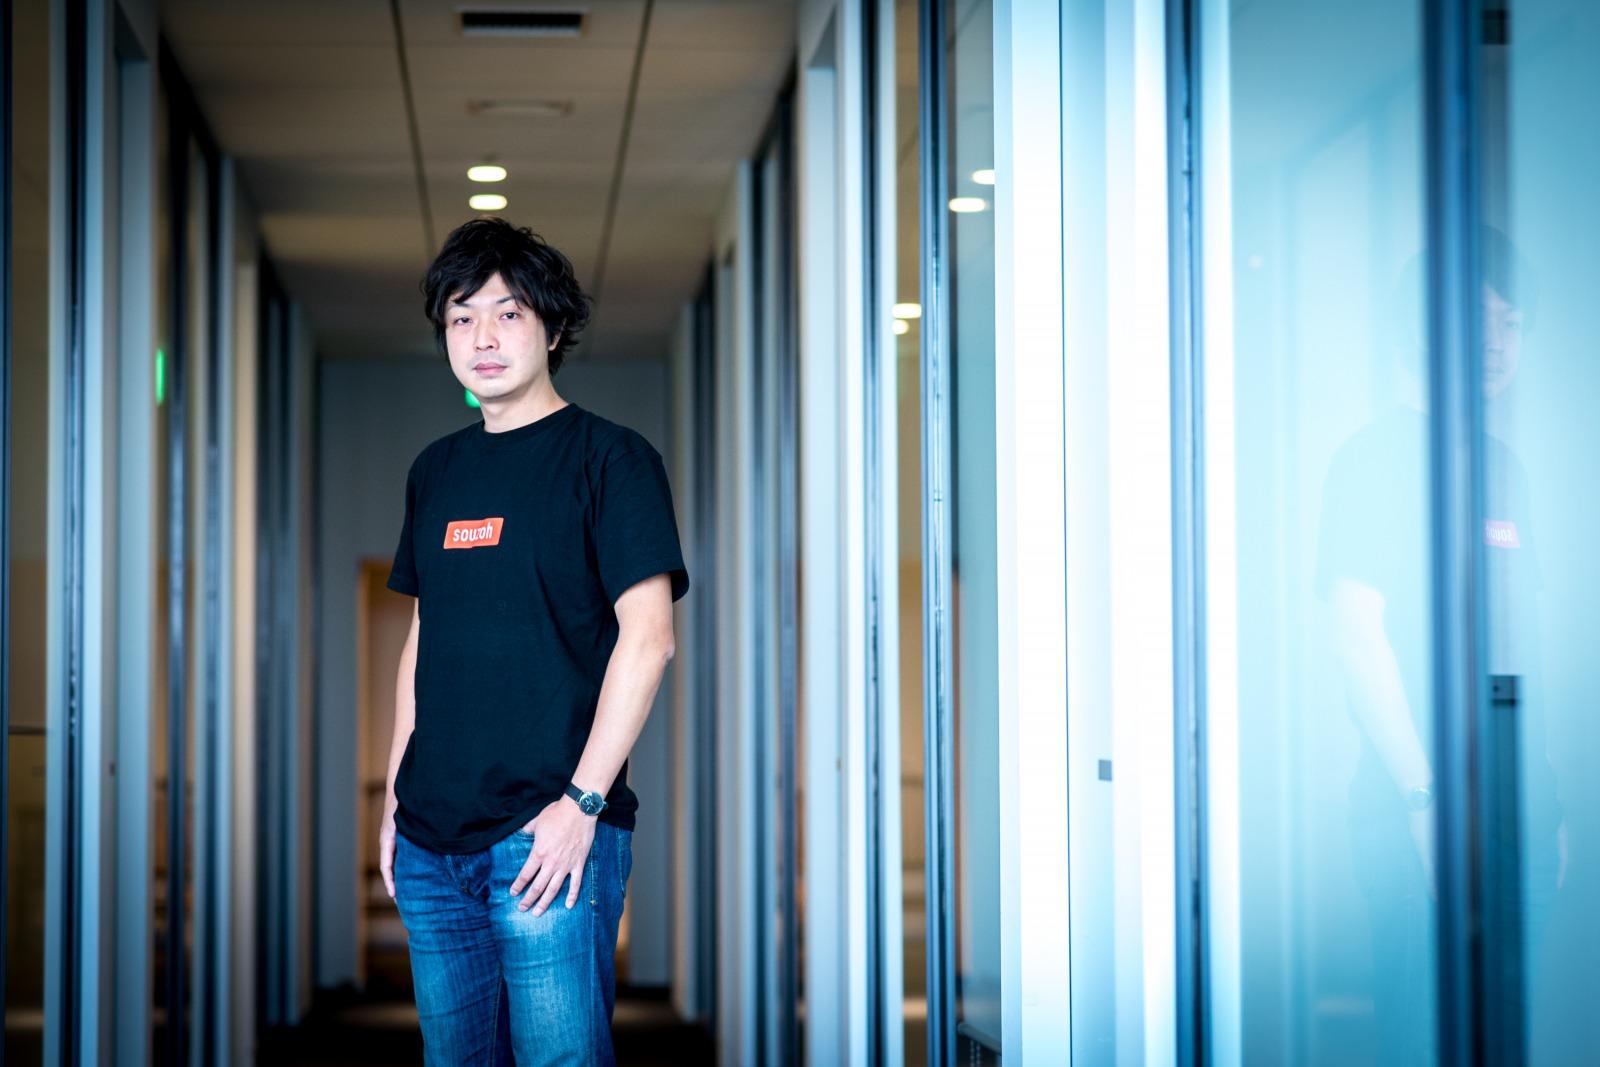 全方位から信頼を獲得する起業家の姿勢とは——元ザワットCEO・ソウゾウ執行役員 原田大作